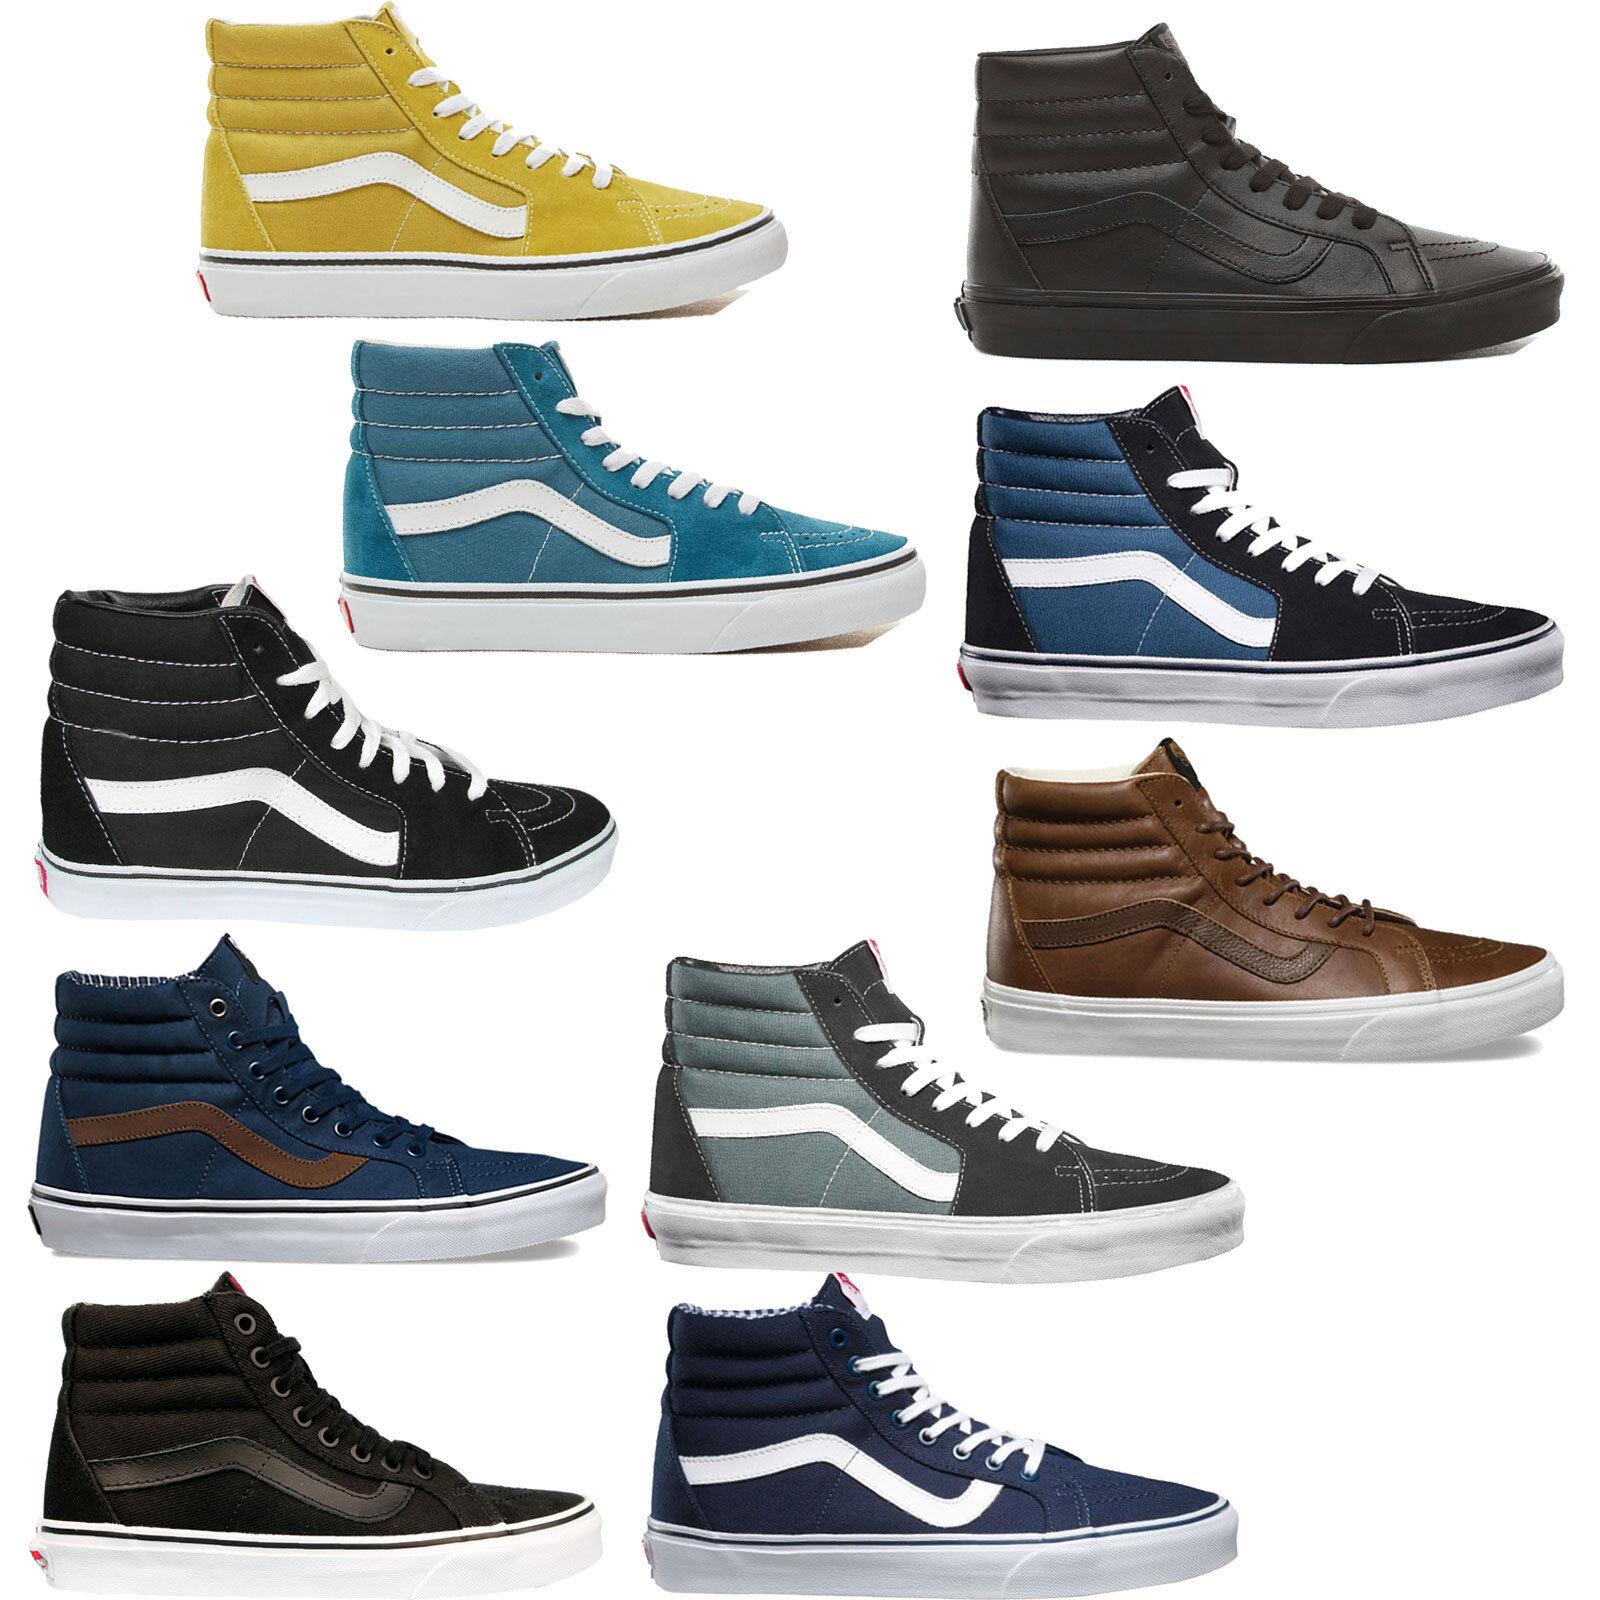 Vans Sk8 Hi Zapatilla Deportiva para Hombres Zapatos Del Patín Informales